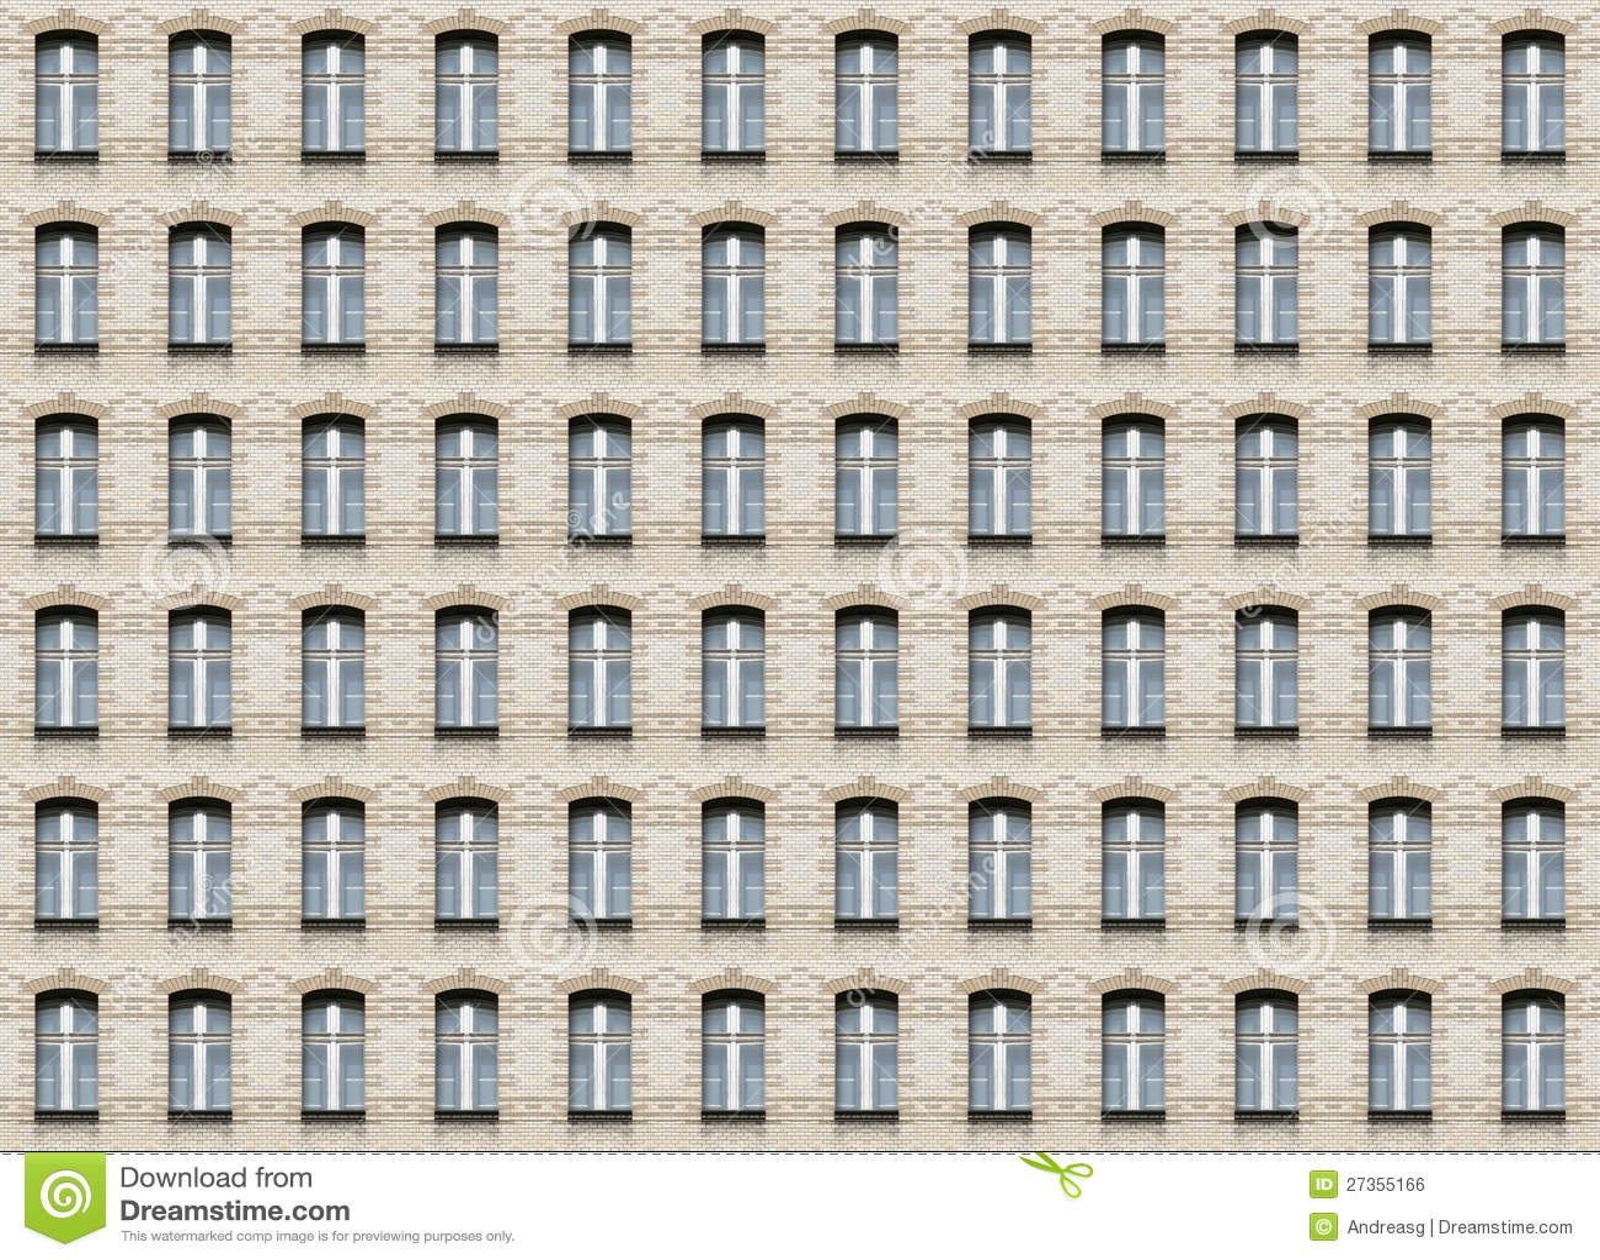 текстура окна: